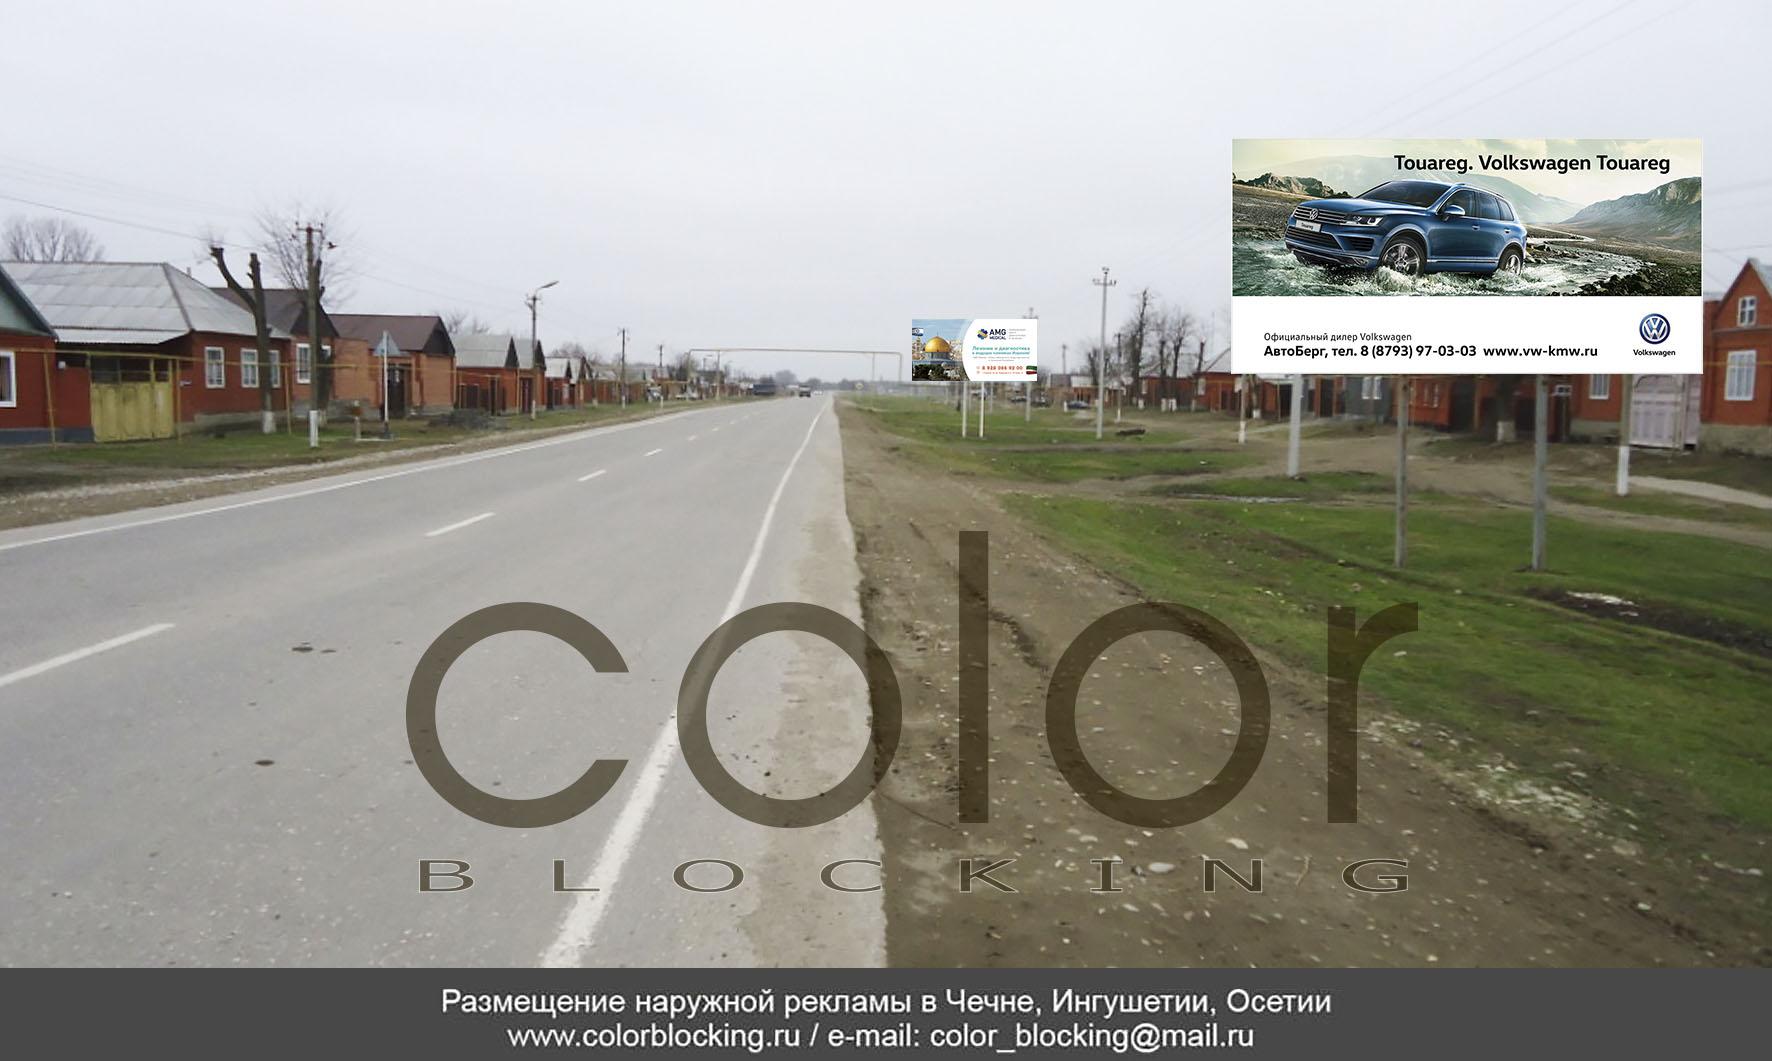 Наружная реклама в населенных пунктах Чечни Новощедринская